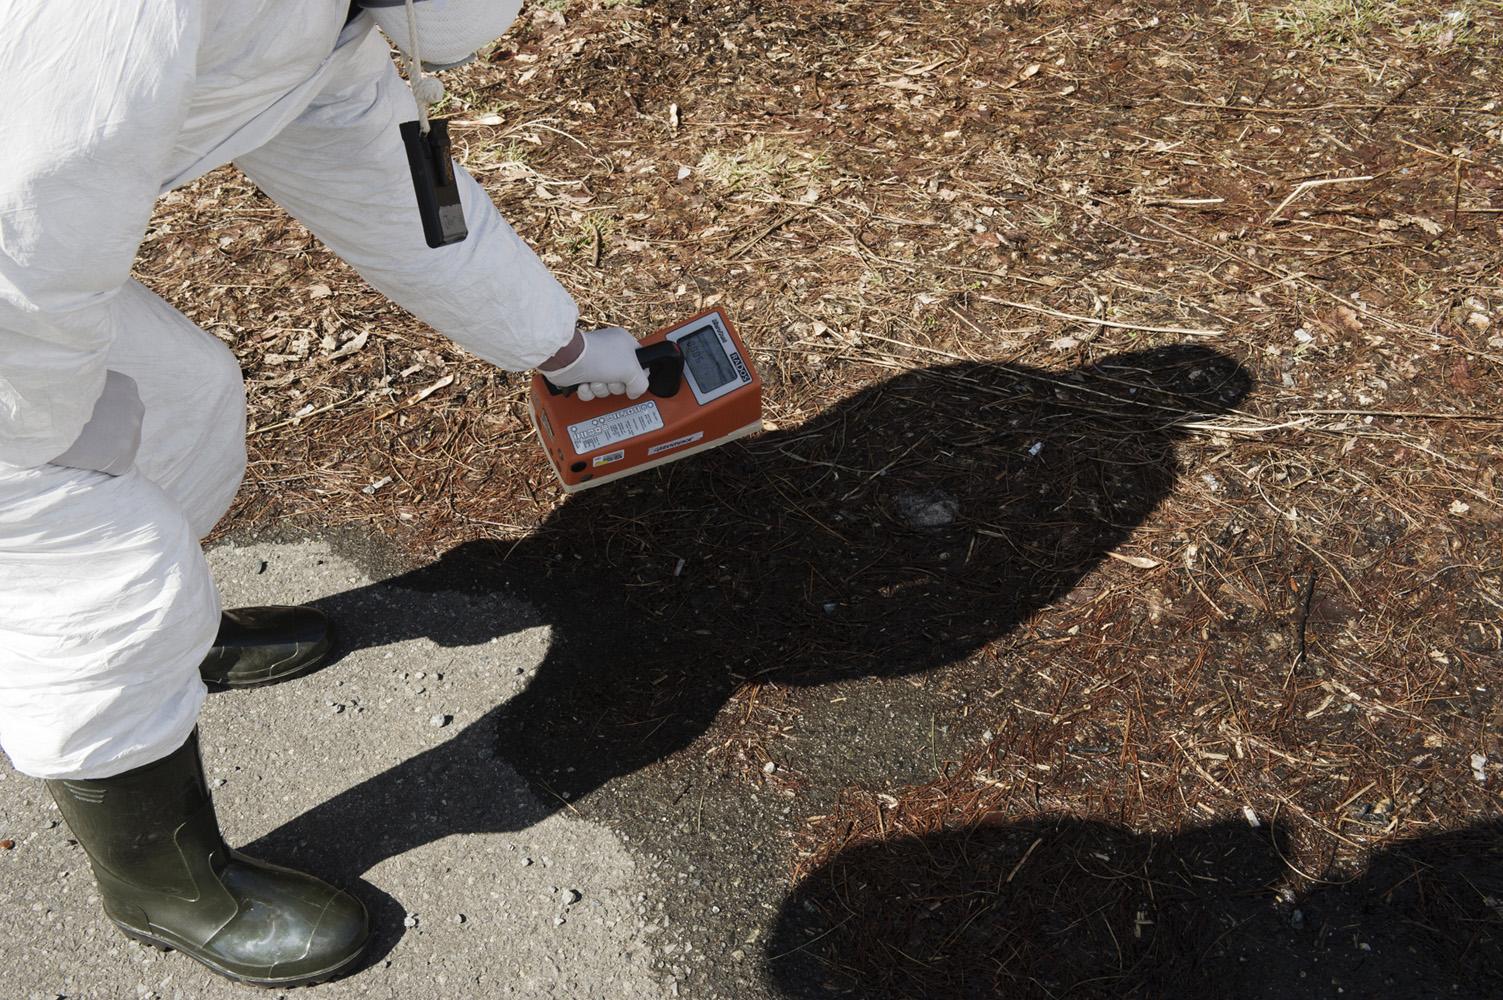 Tsushima,  Japan, 26 March 2011 Greenpeace monitoring radioactivity at Tsushima village, 40 km from Fukushima Nuclear Power Plant.